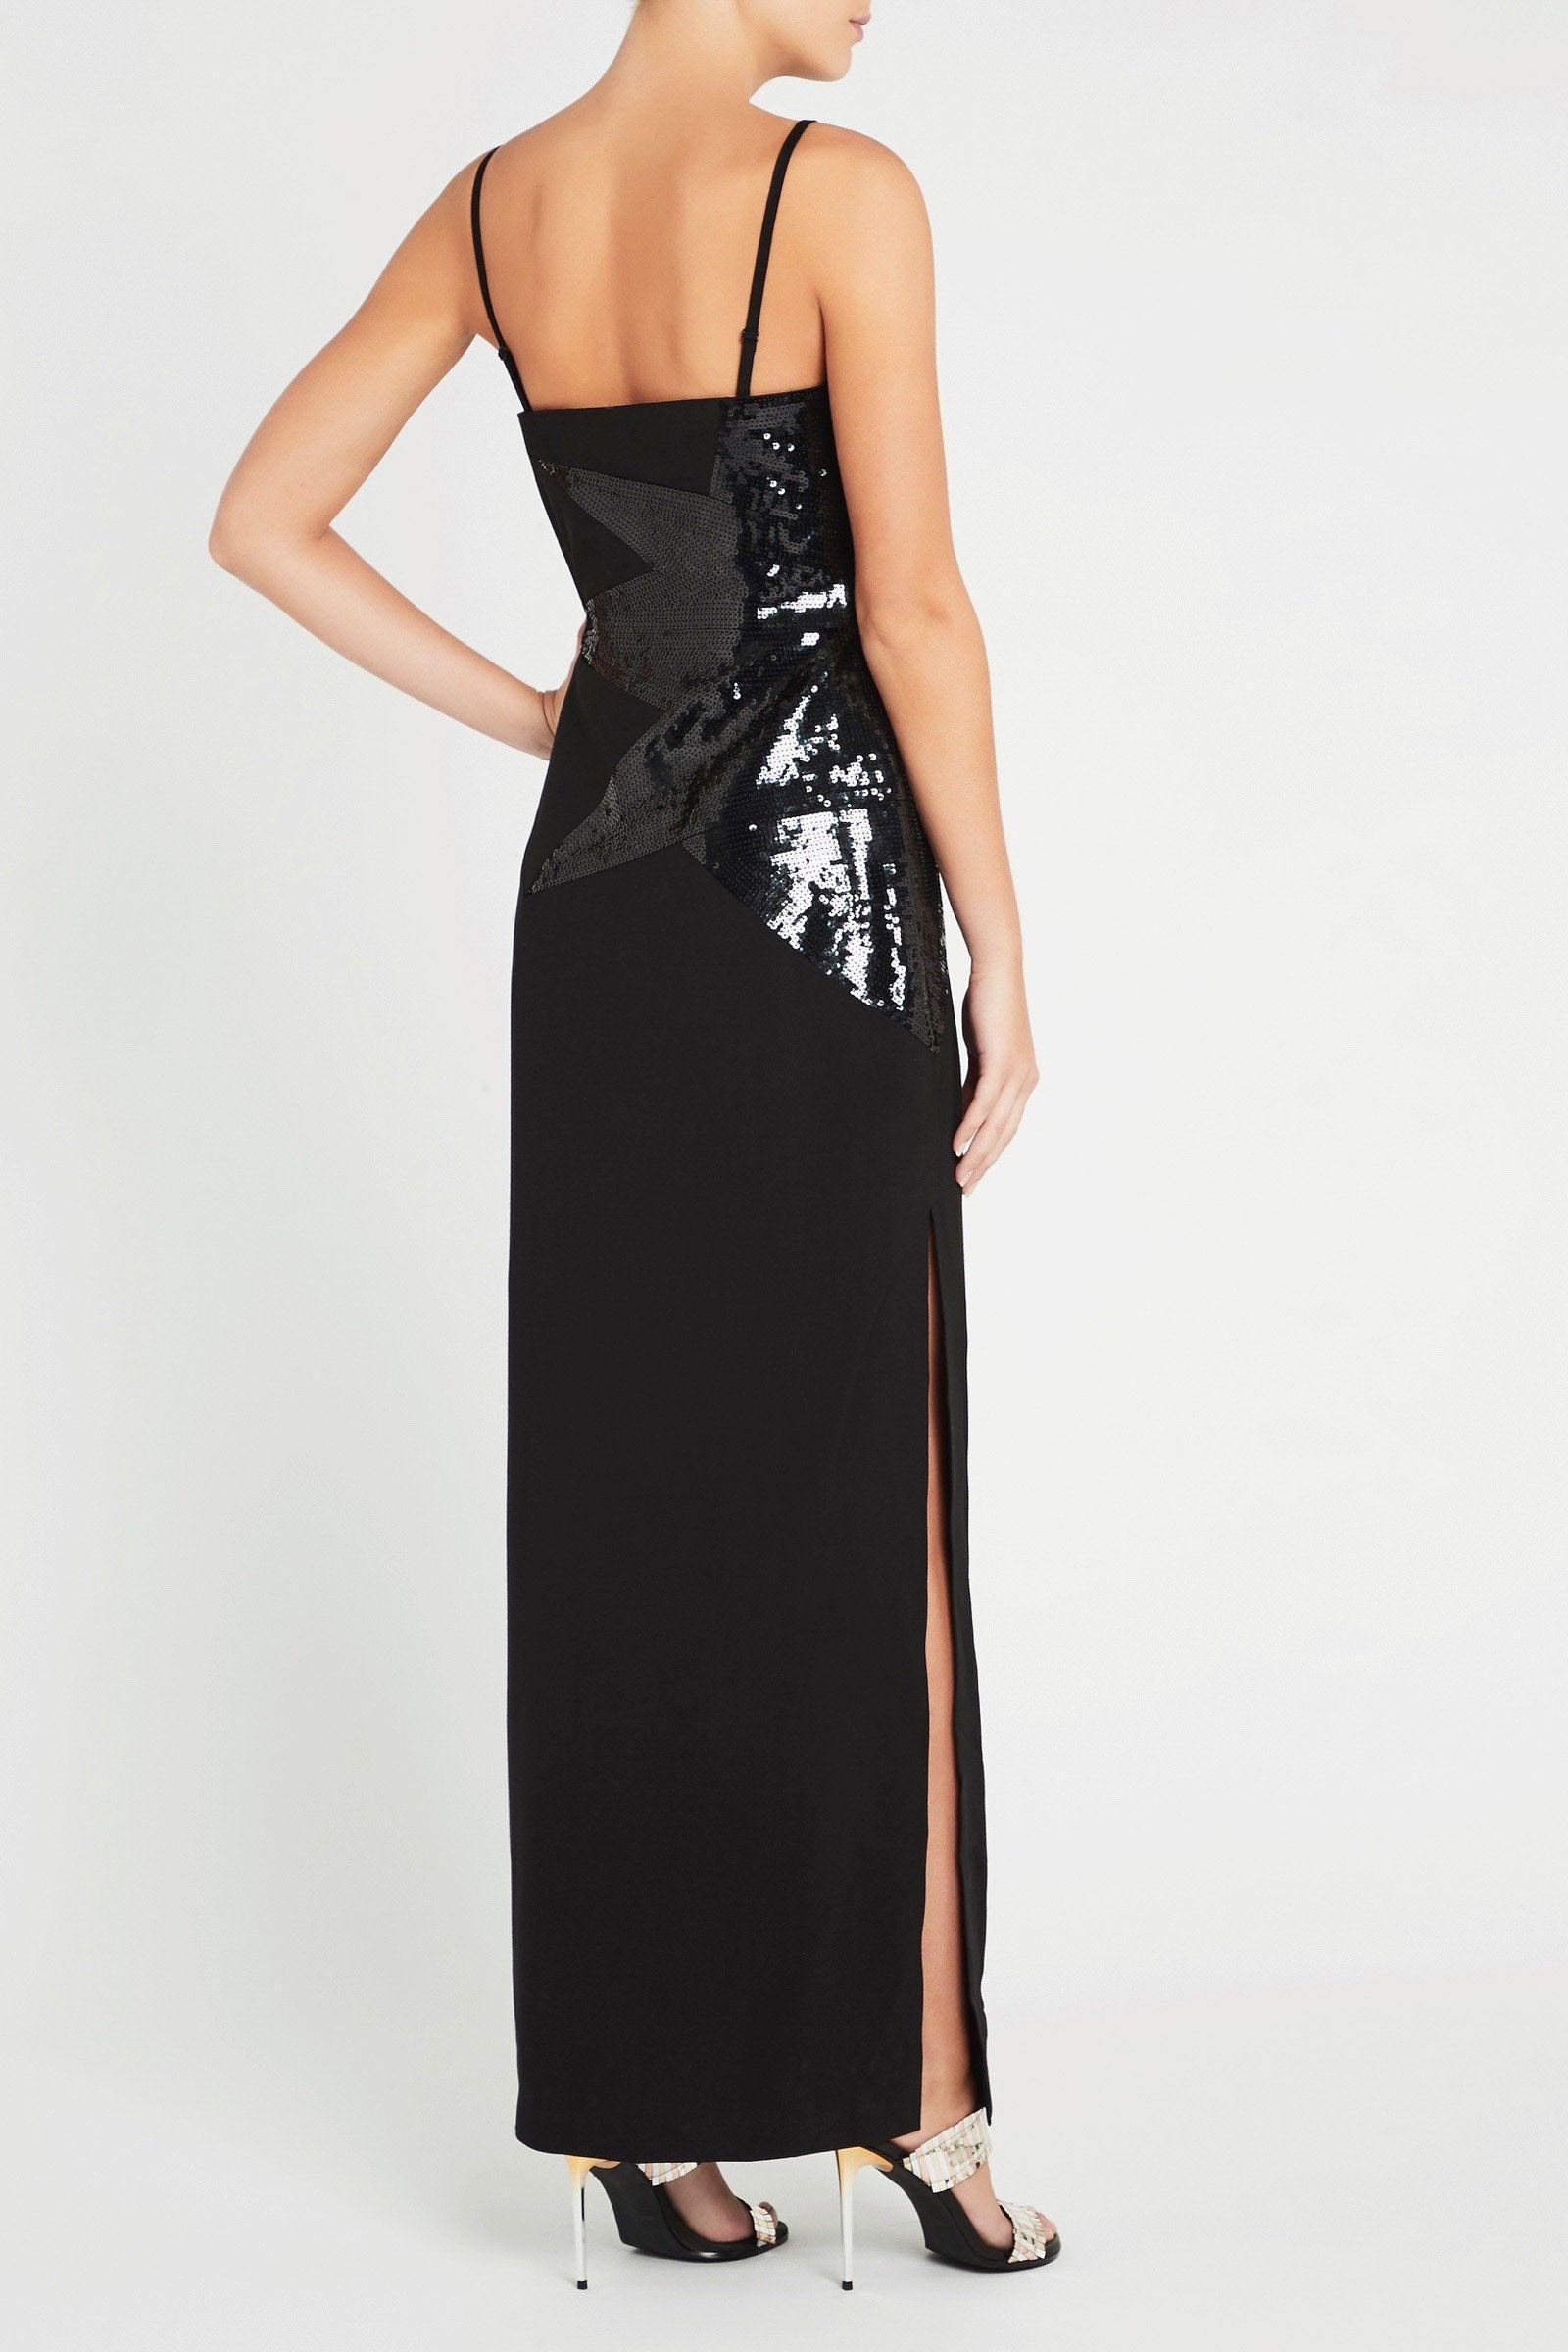 0796acfe Sass & Bide - Black Star Street Sequin Dress - Lyst. View fullscreen